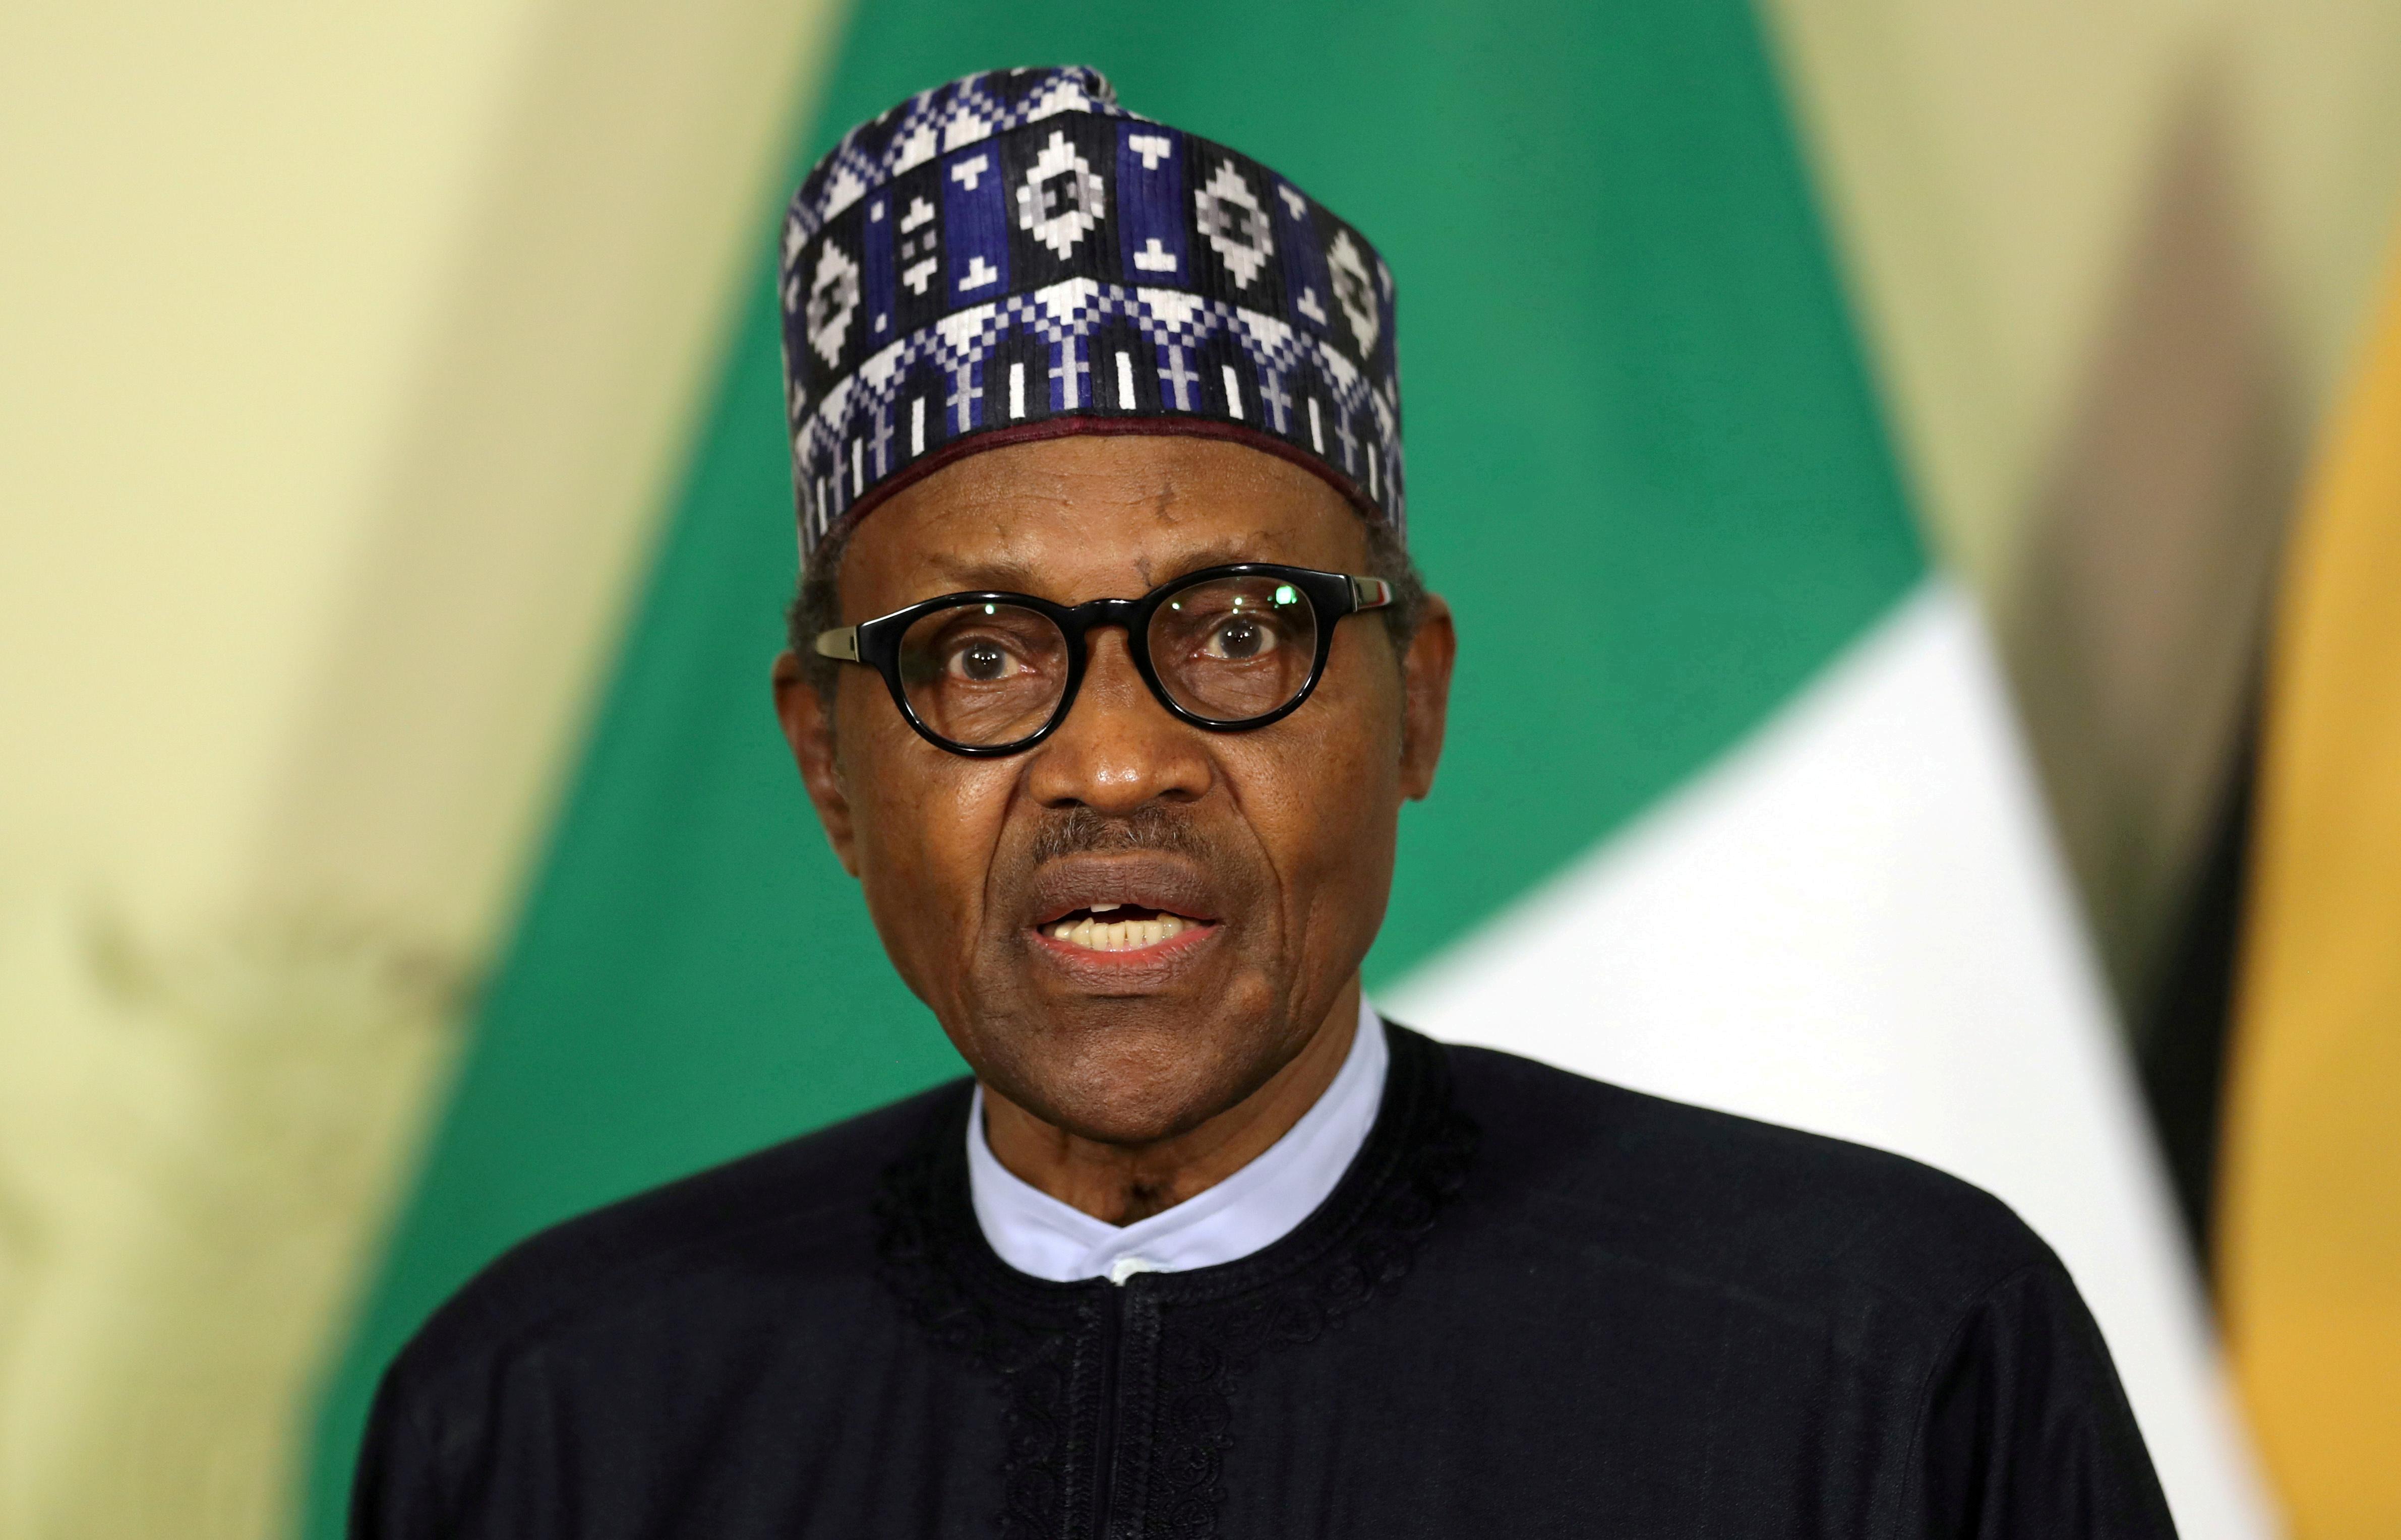 El presidente de Nigeria Muhammadu Buhari.